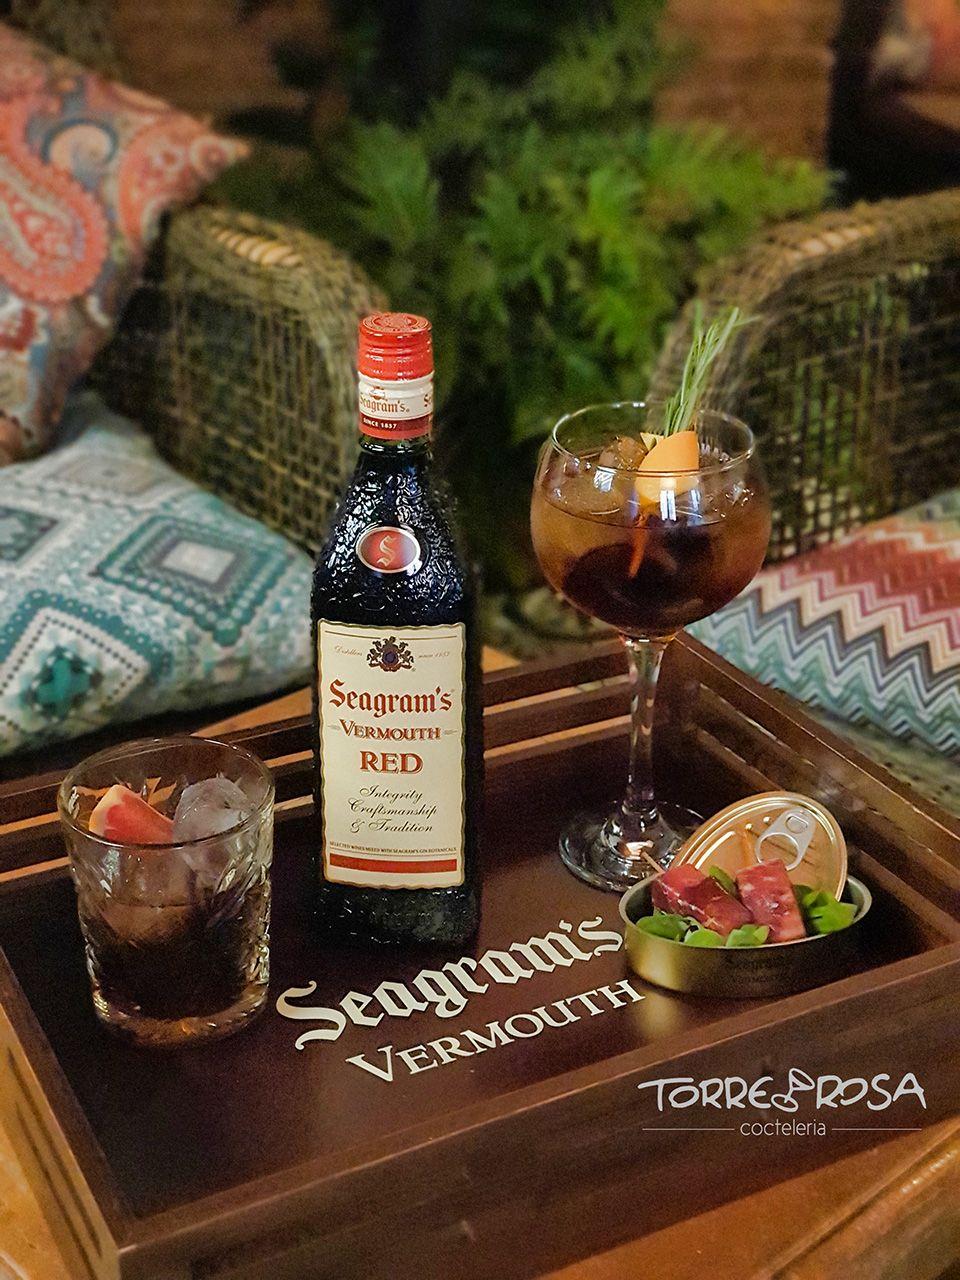 Vaso y copa de Seagram's Vermouth